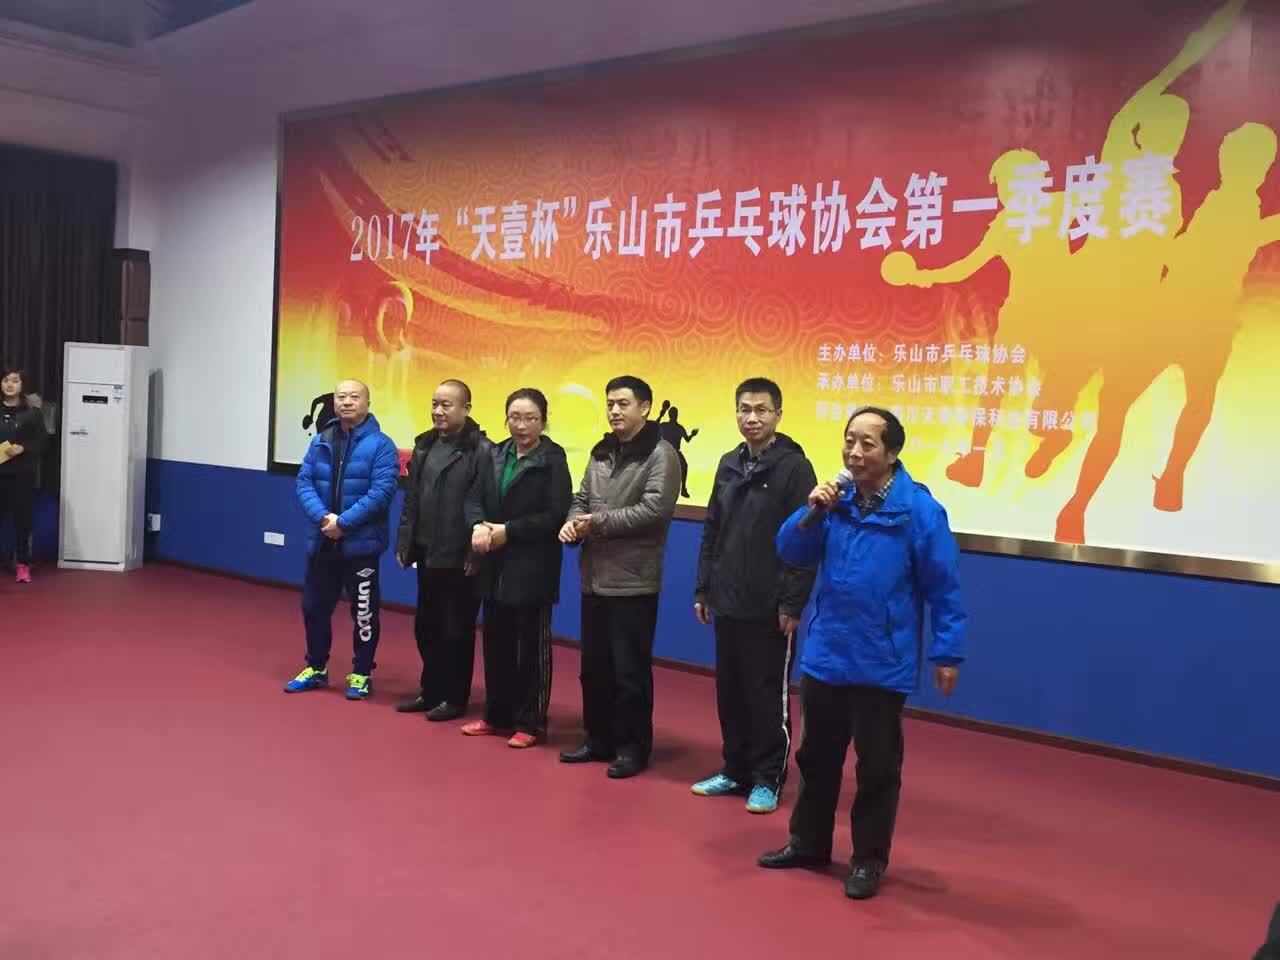 四川天壹环保科技董事长罗康林先生为获奖团队颁发奖杯